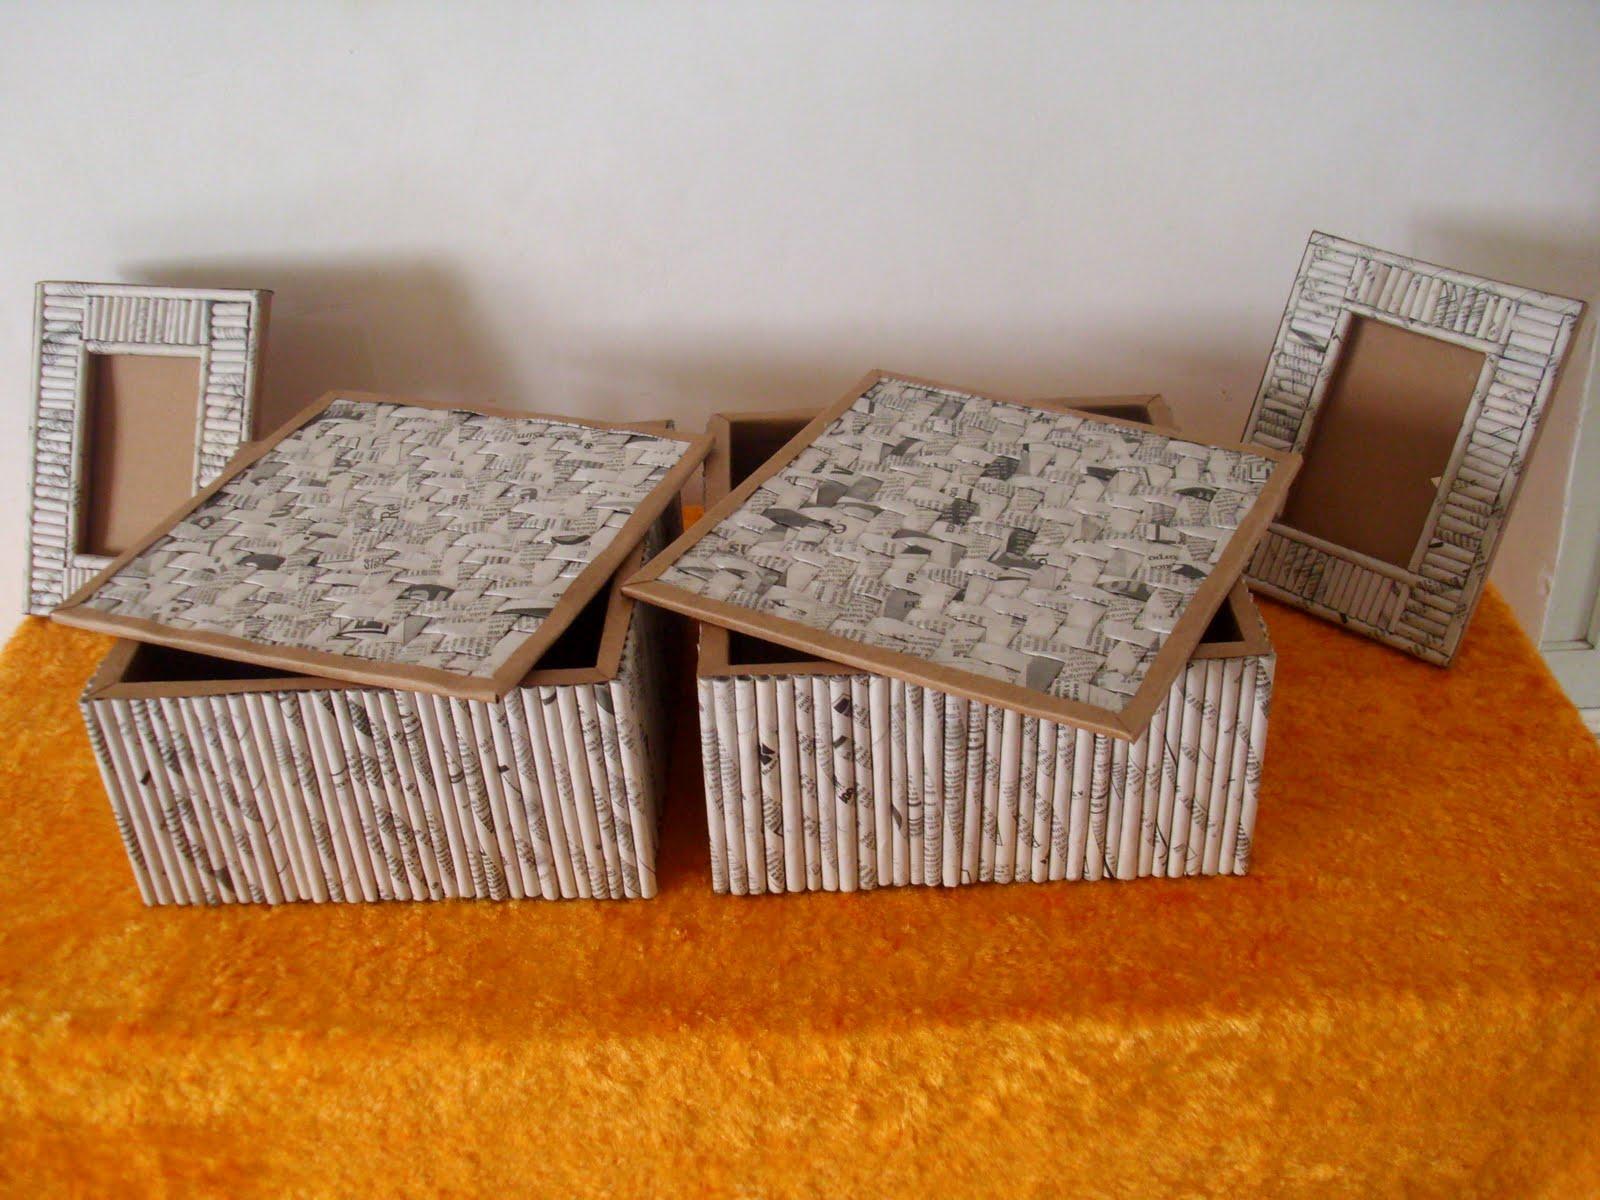 ARTE DO LIXO OBJETOS, MOVEIS E DECORAÇÃO COM RECICLADOS -> Banheiro Decorado Com Objetos Reciclados